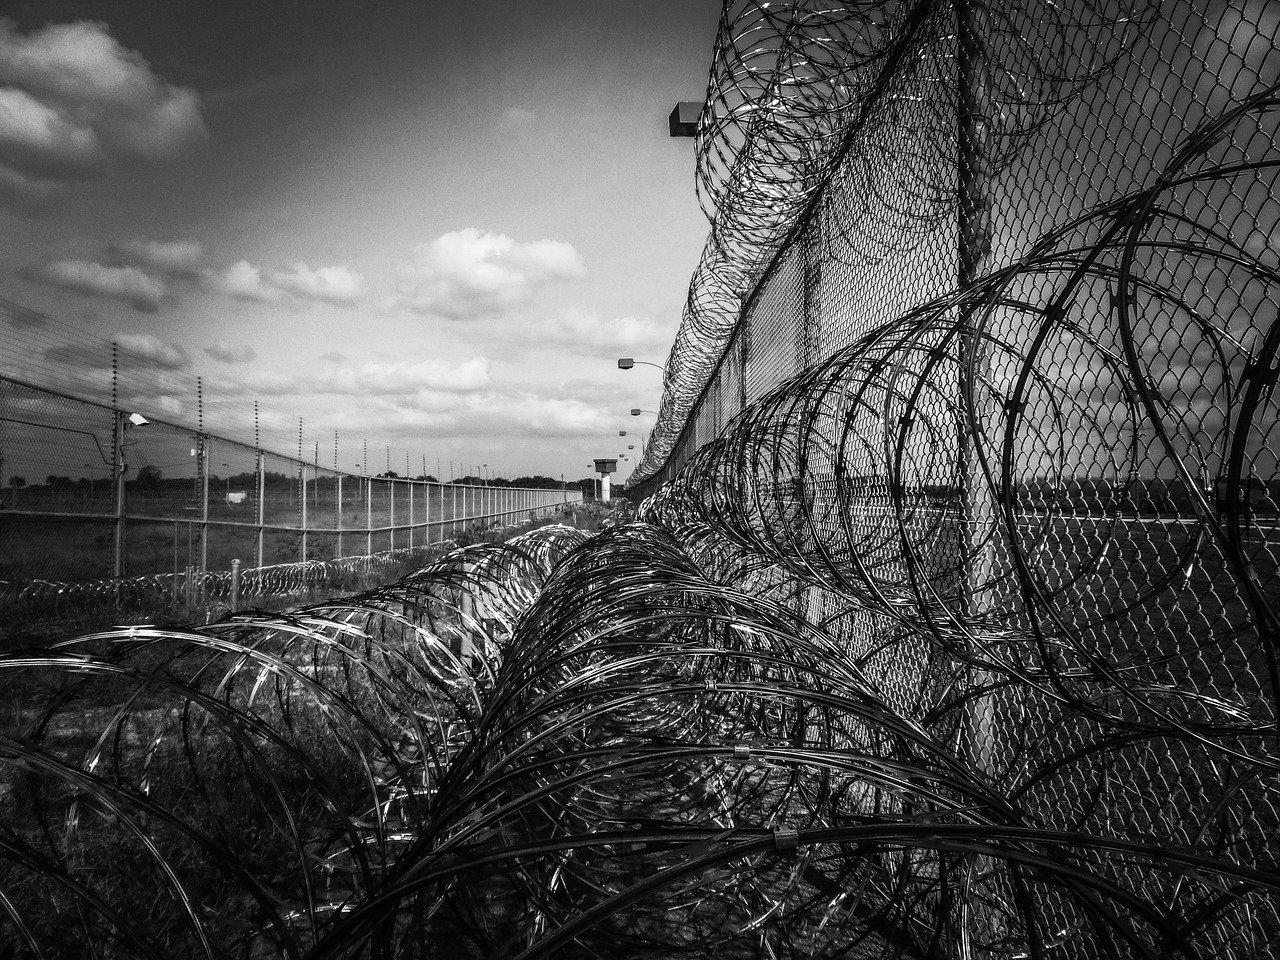 Oregon prisoners sue governor over COVID-19 concerns